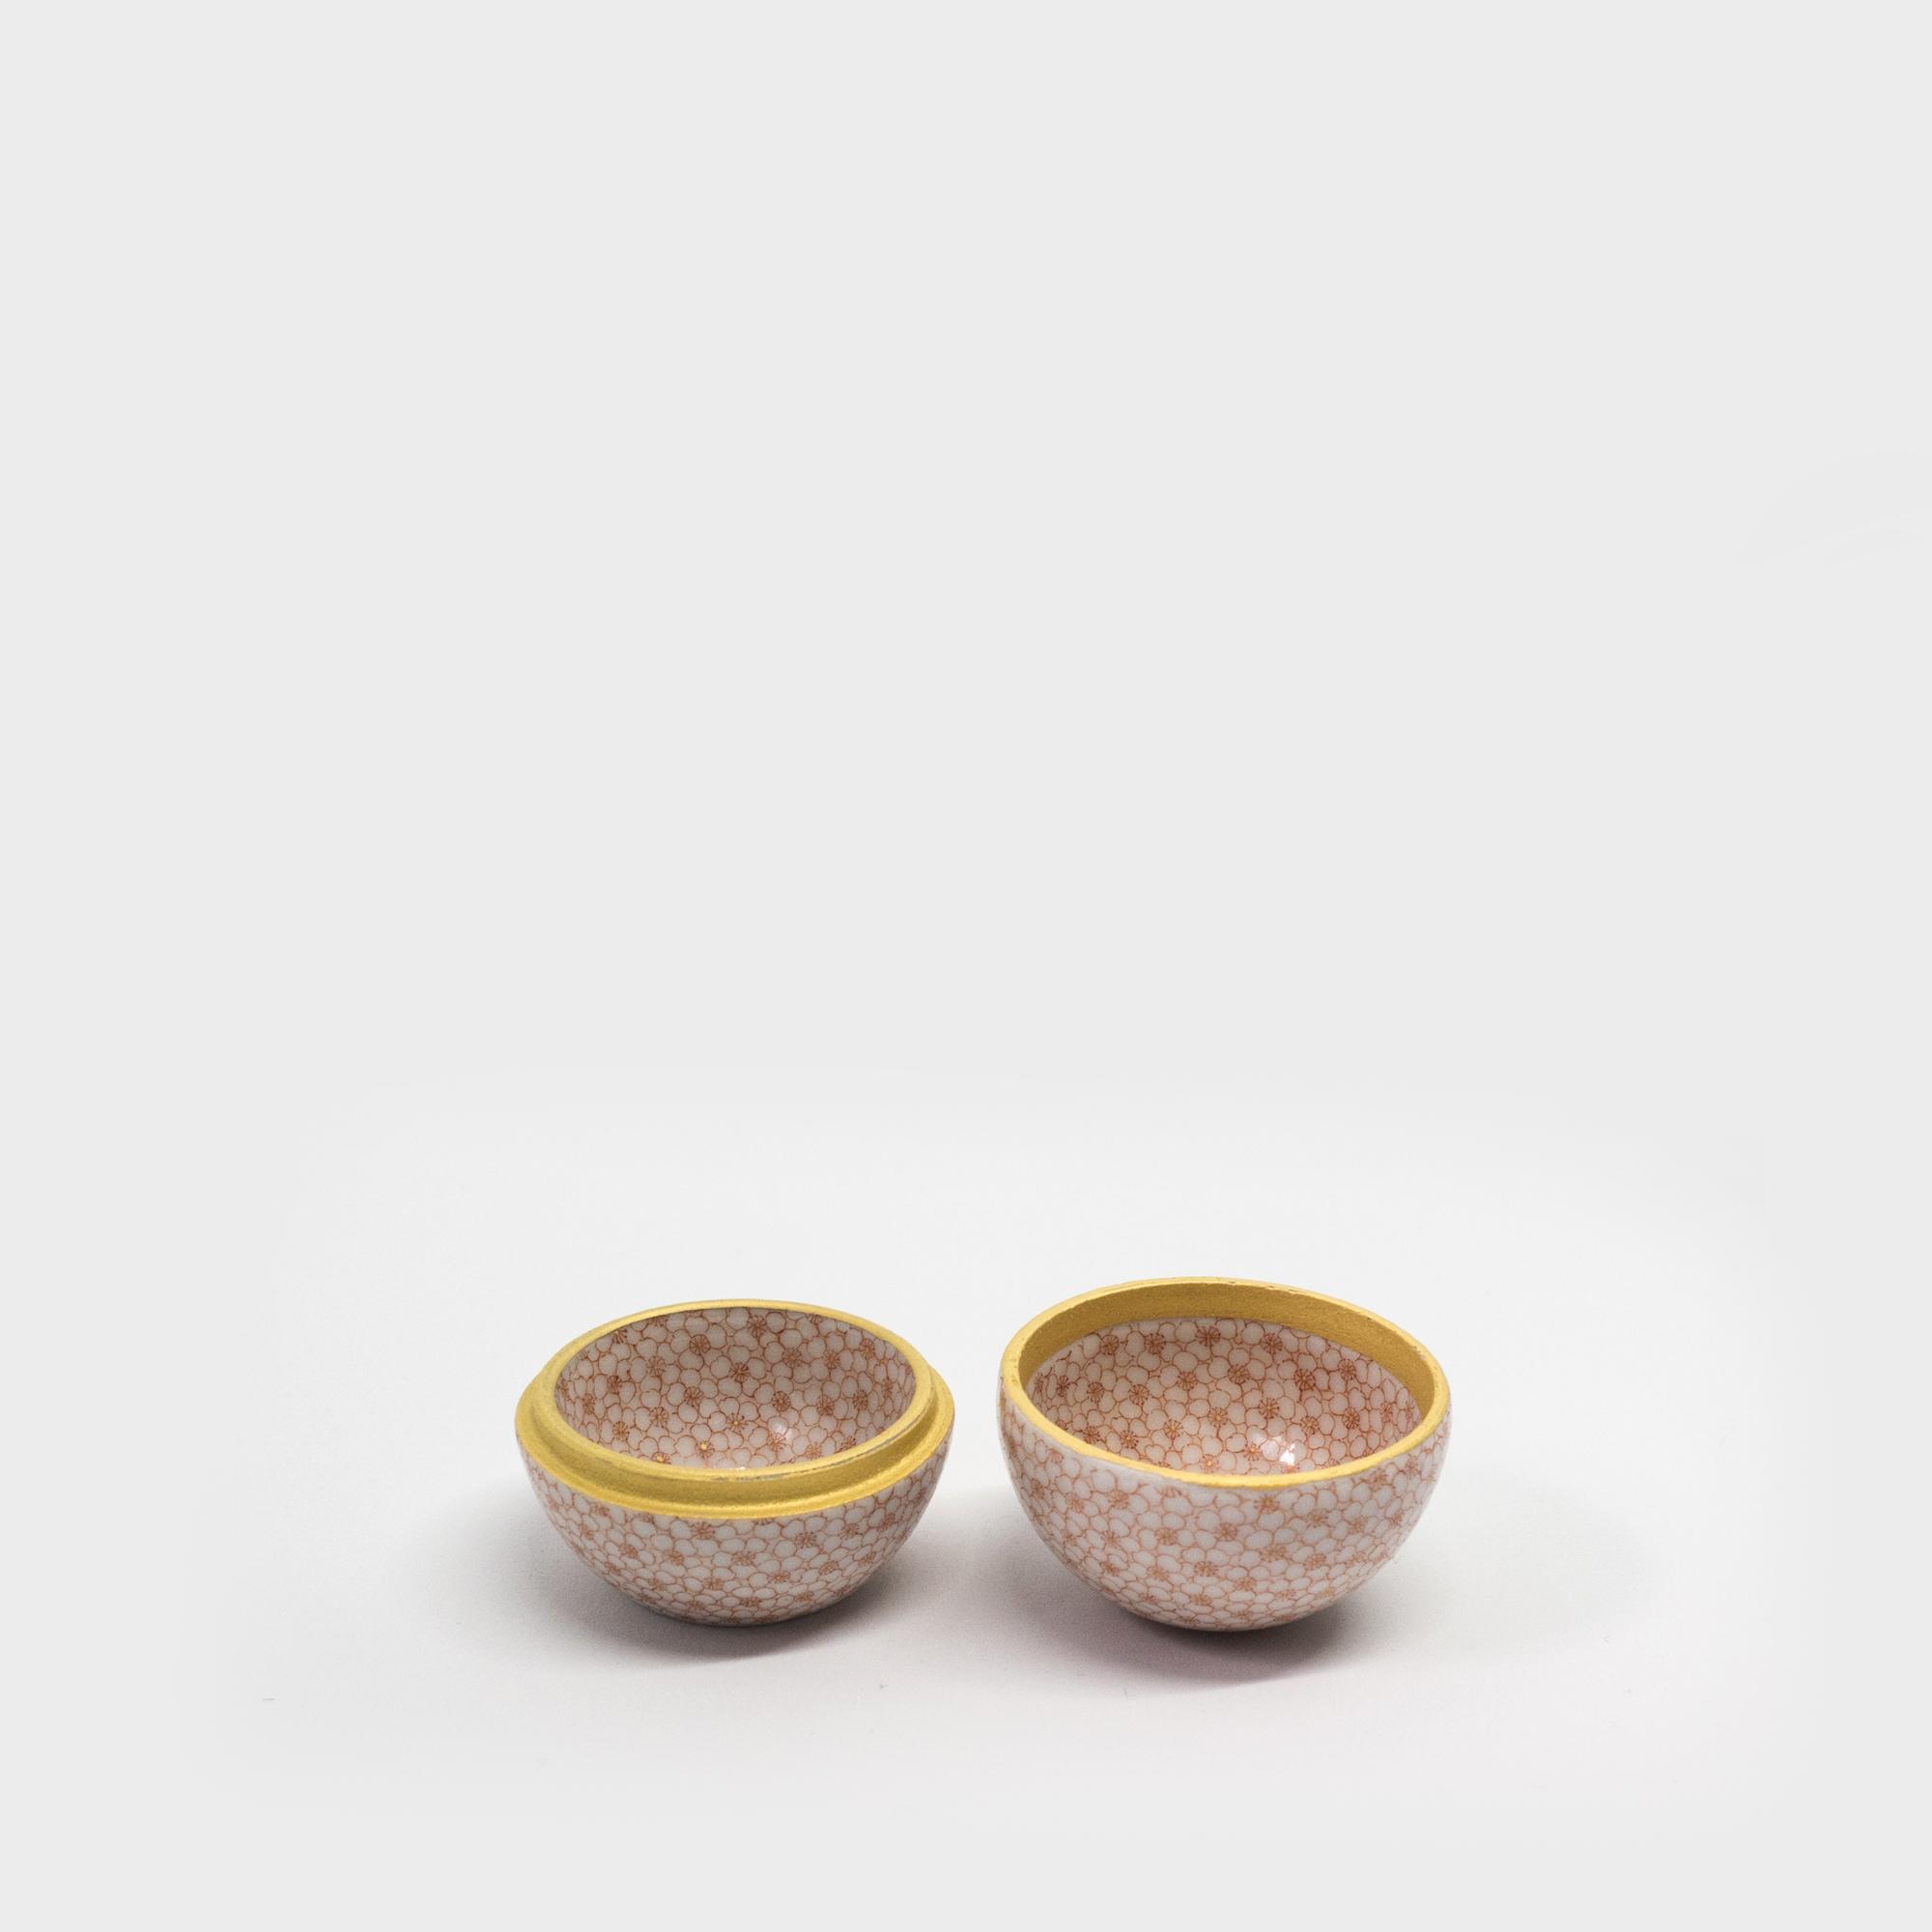 赤絵細描 桜詰 香合